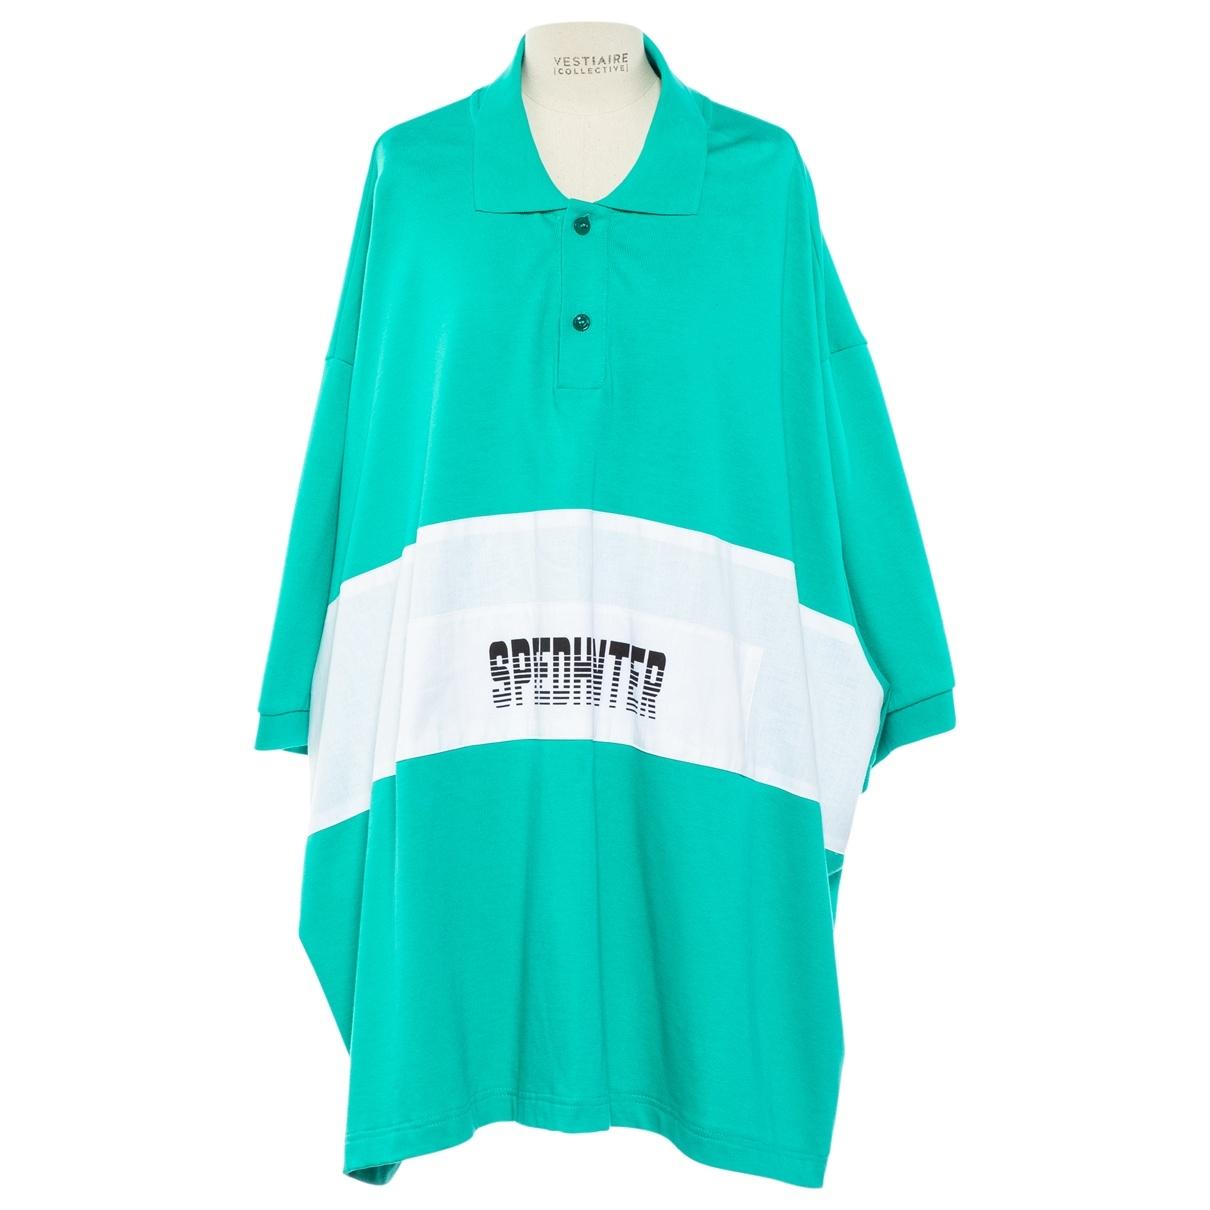 Balenciaga - Polos   pour homme en coton - turquoise